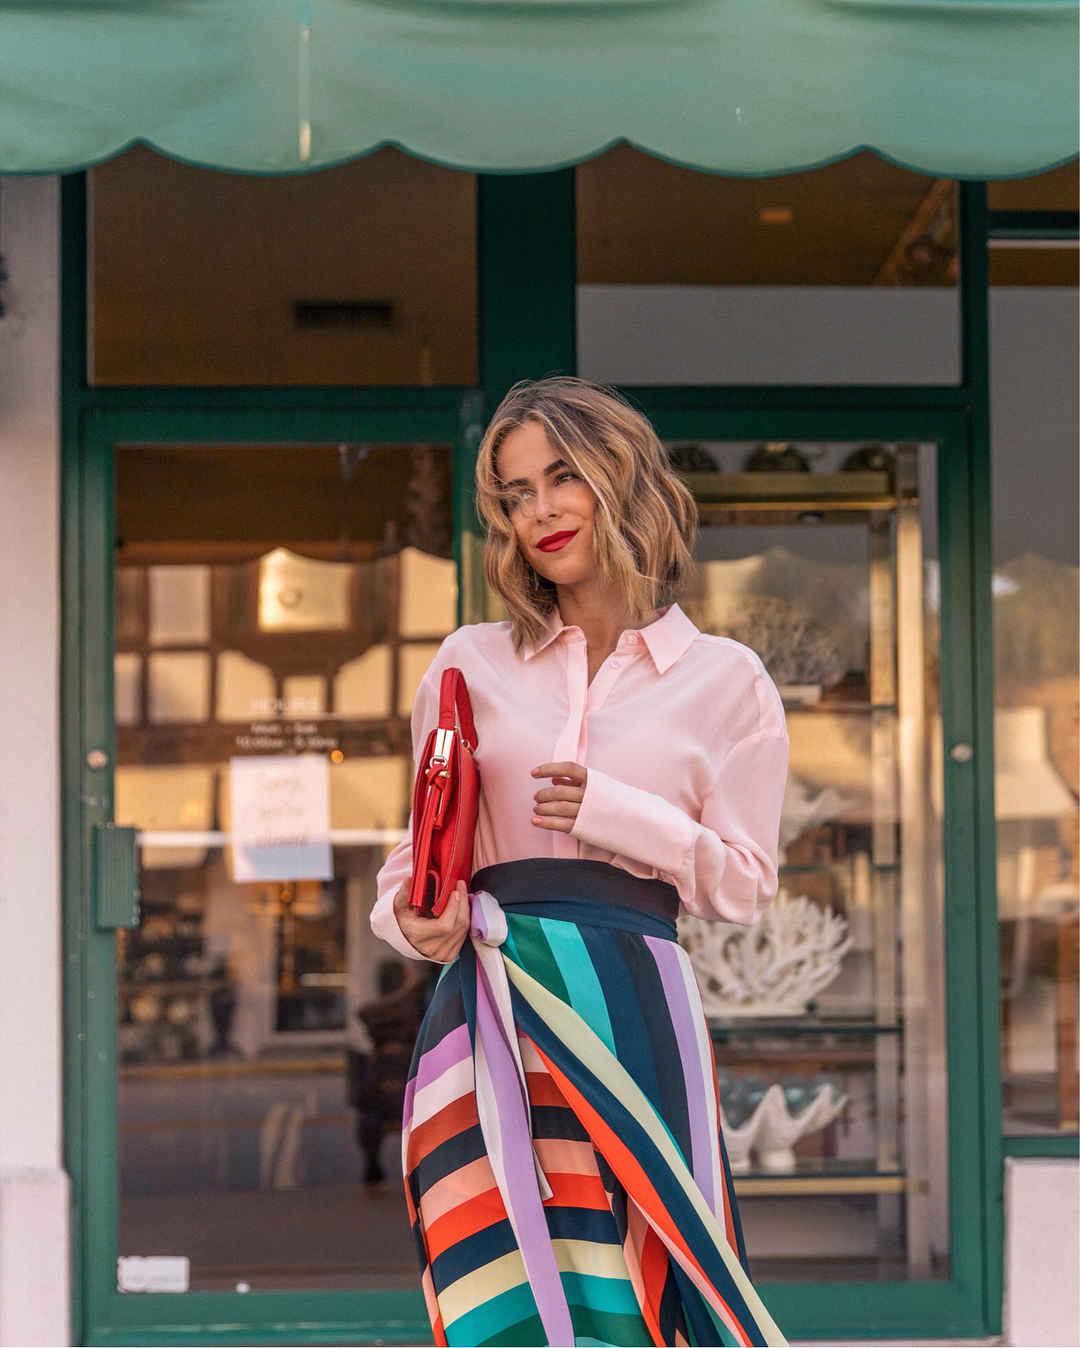 Модные деловые образы с юбкой 2019-2020 фото идеи_11